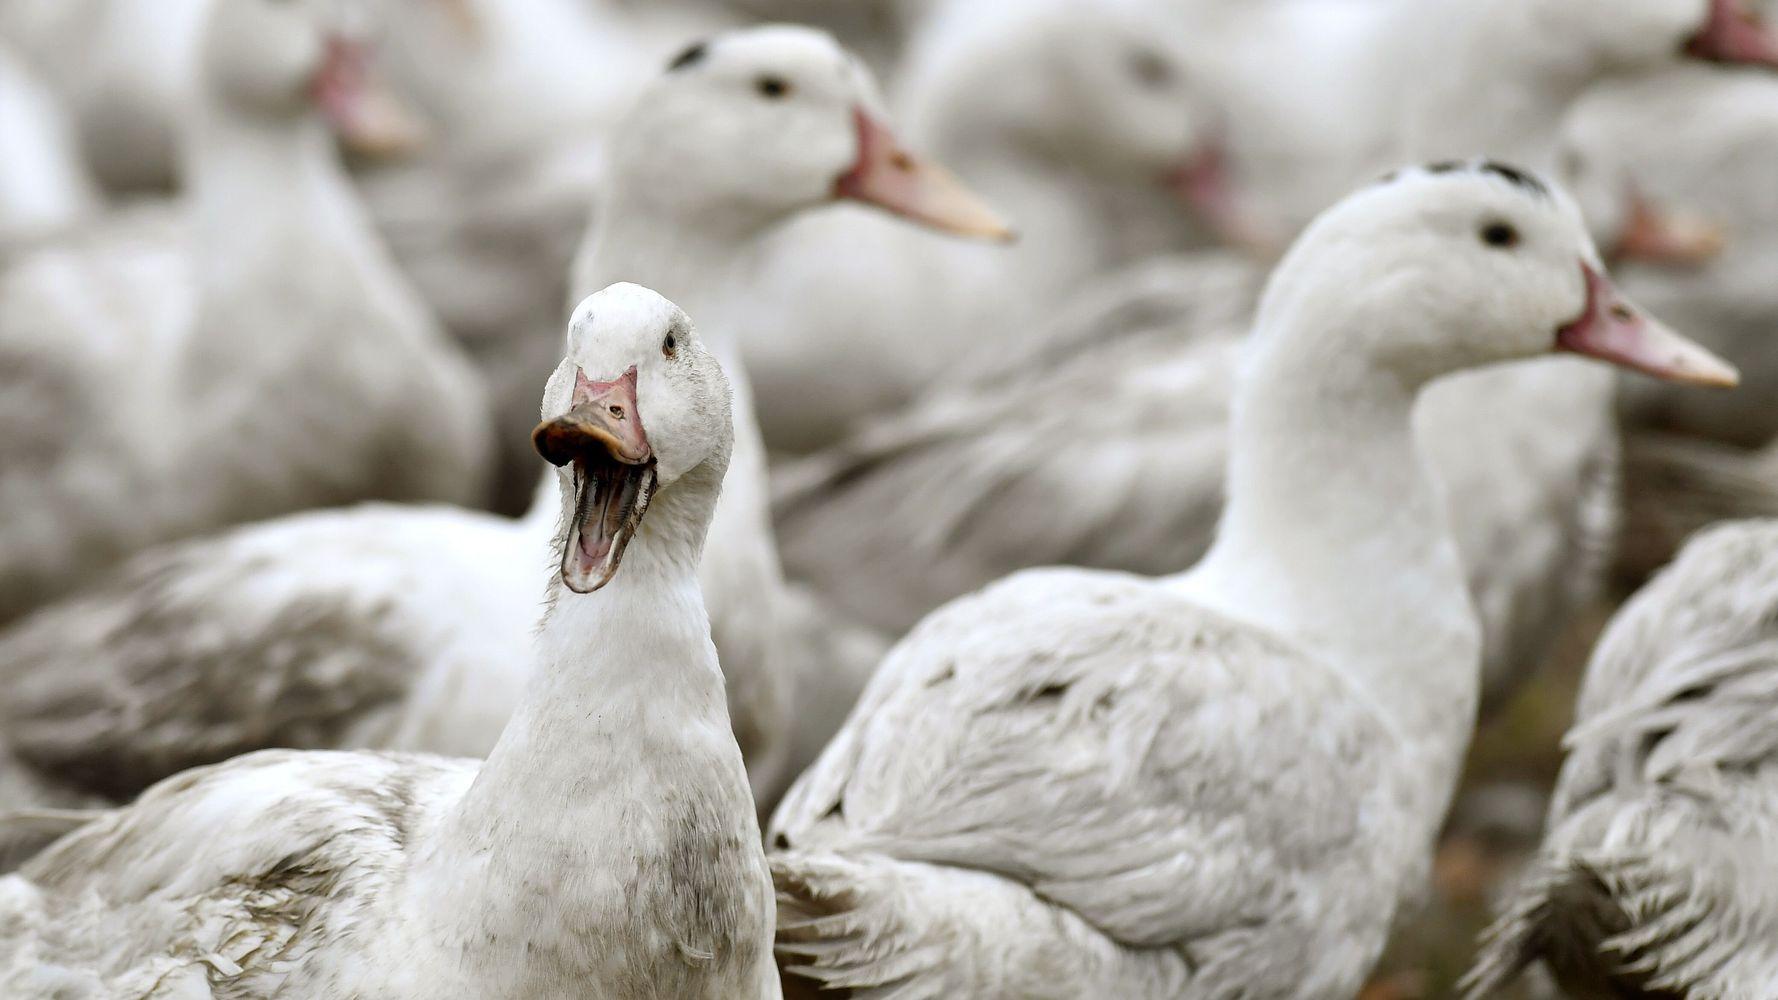 Dans les Landes, un 2e élevage de canards touché par la grippe aviaire